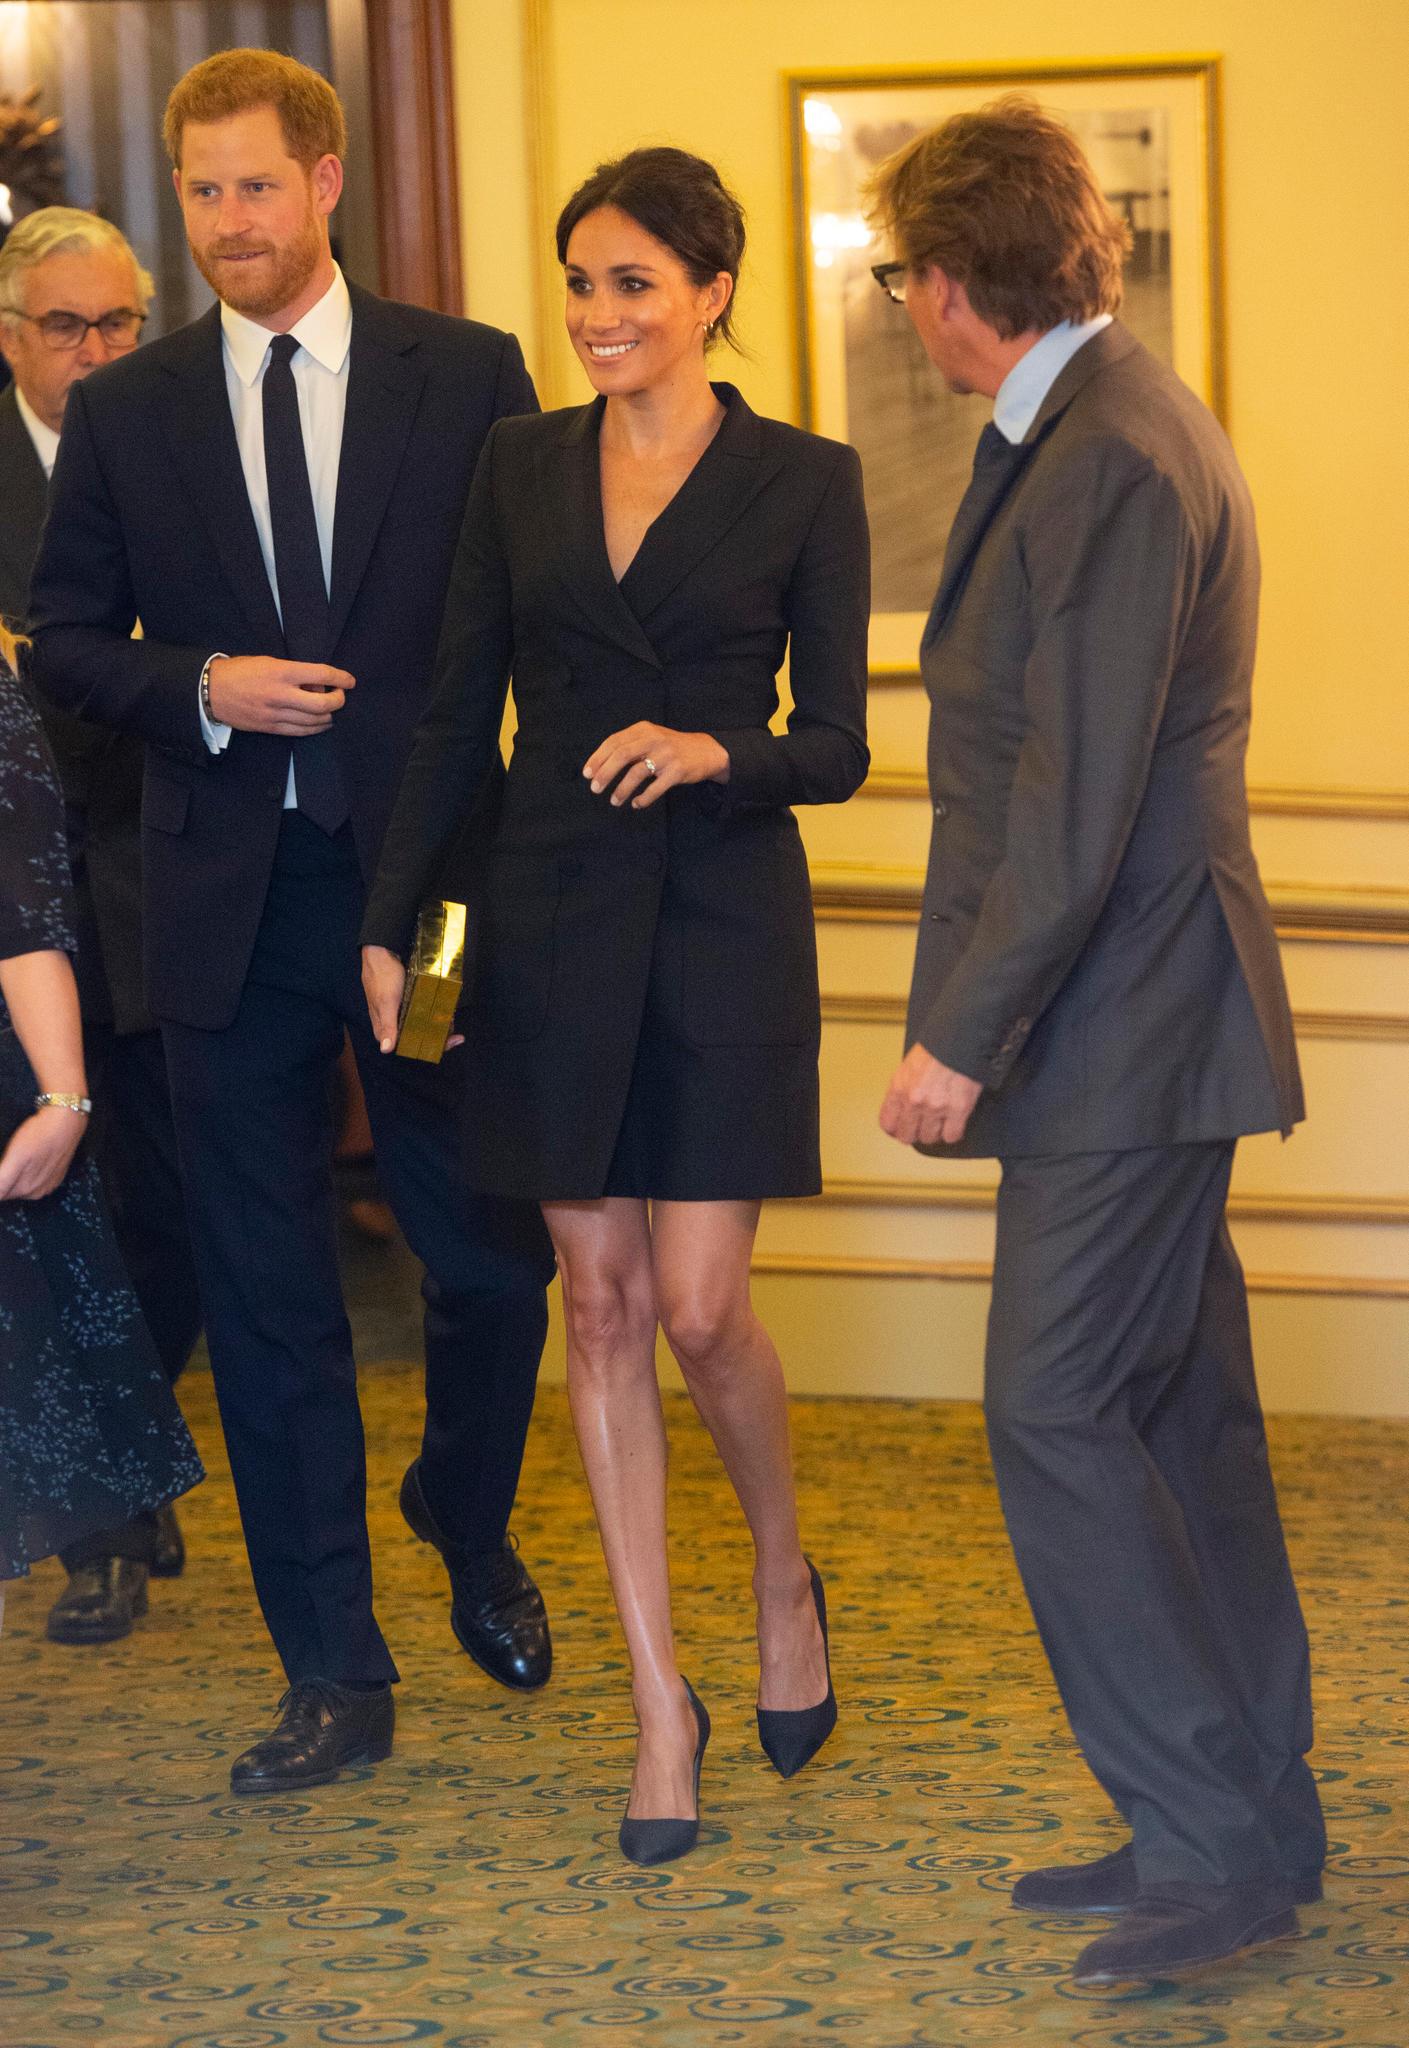 """Zu einer Gala-Aufführung des Musicals """"Hamilton""""trägt sie ein Smoking-Kleid vom kanadischen Label """"Judith and Charles"""" für rund 360 Euro. Das taillierte Blazer-Dress mit zweireihigen Knöpfen betont die schmale Silhouette der Herzogin."""